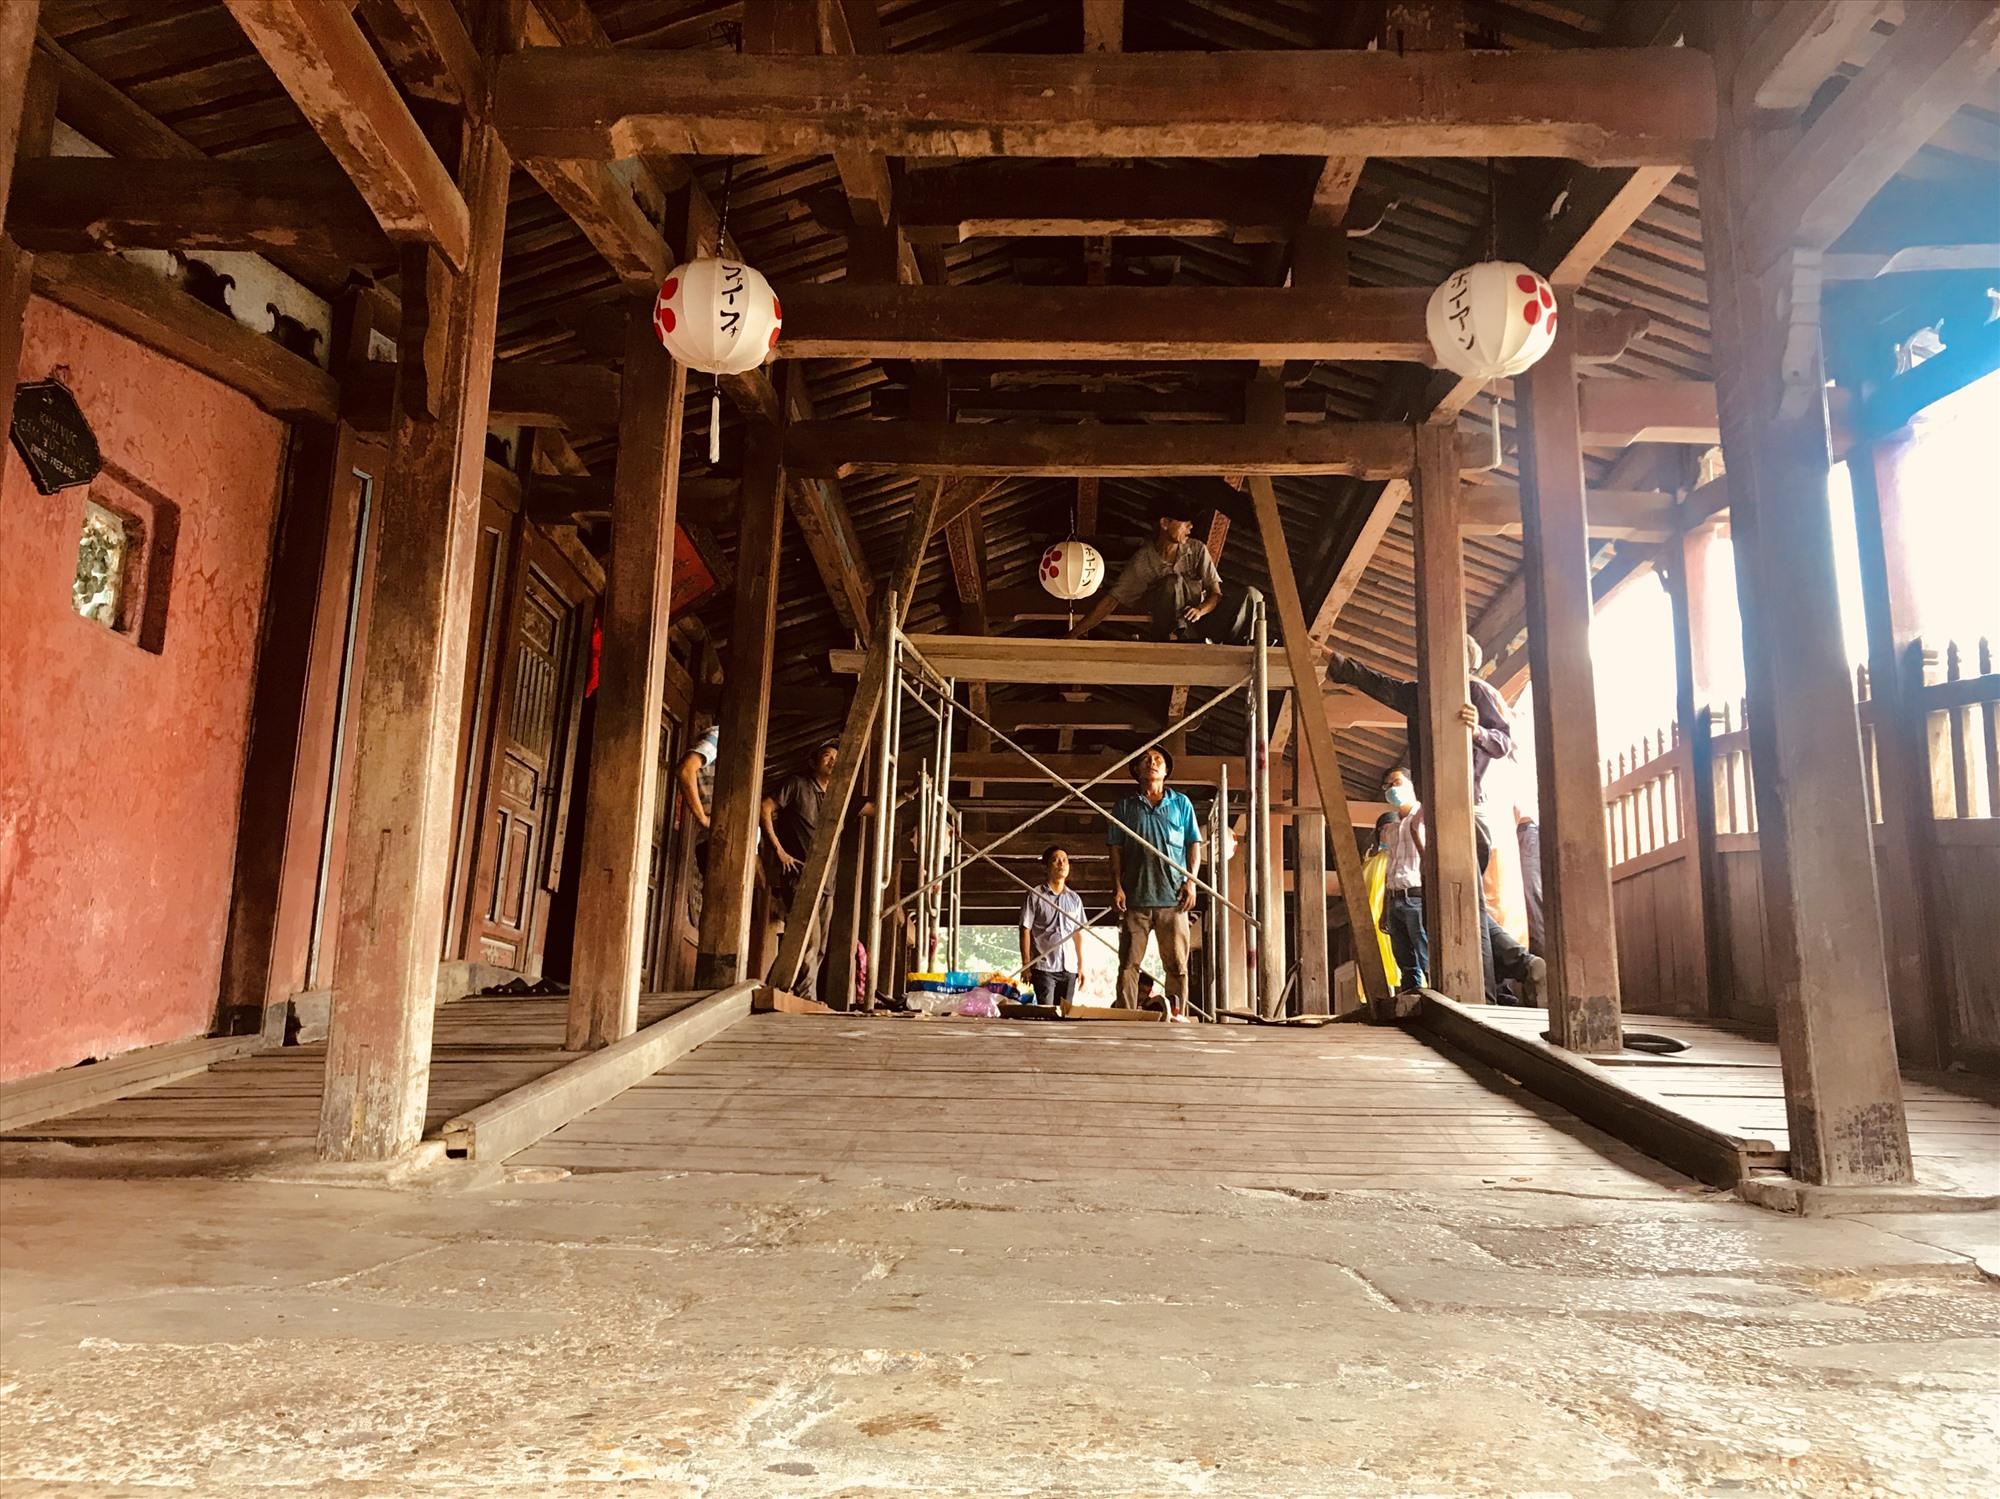 Chùa Cầu đã từng được thực hiện tu bổ từng hạng mục nhỏ, tuy nhiên, vẫn không cải thiện được tình trạng xuống cấp của di tích này. Ảnh: L.Q